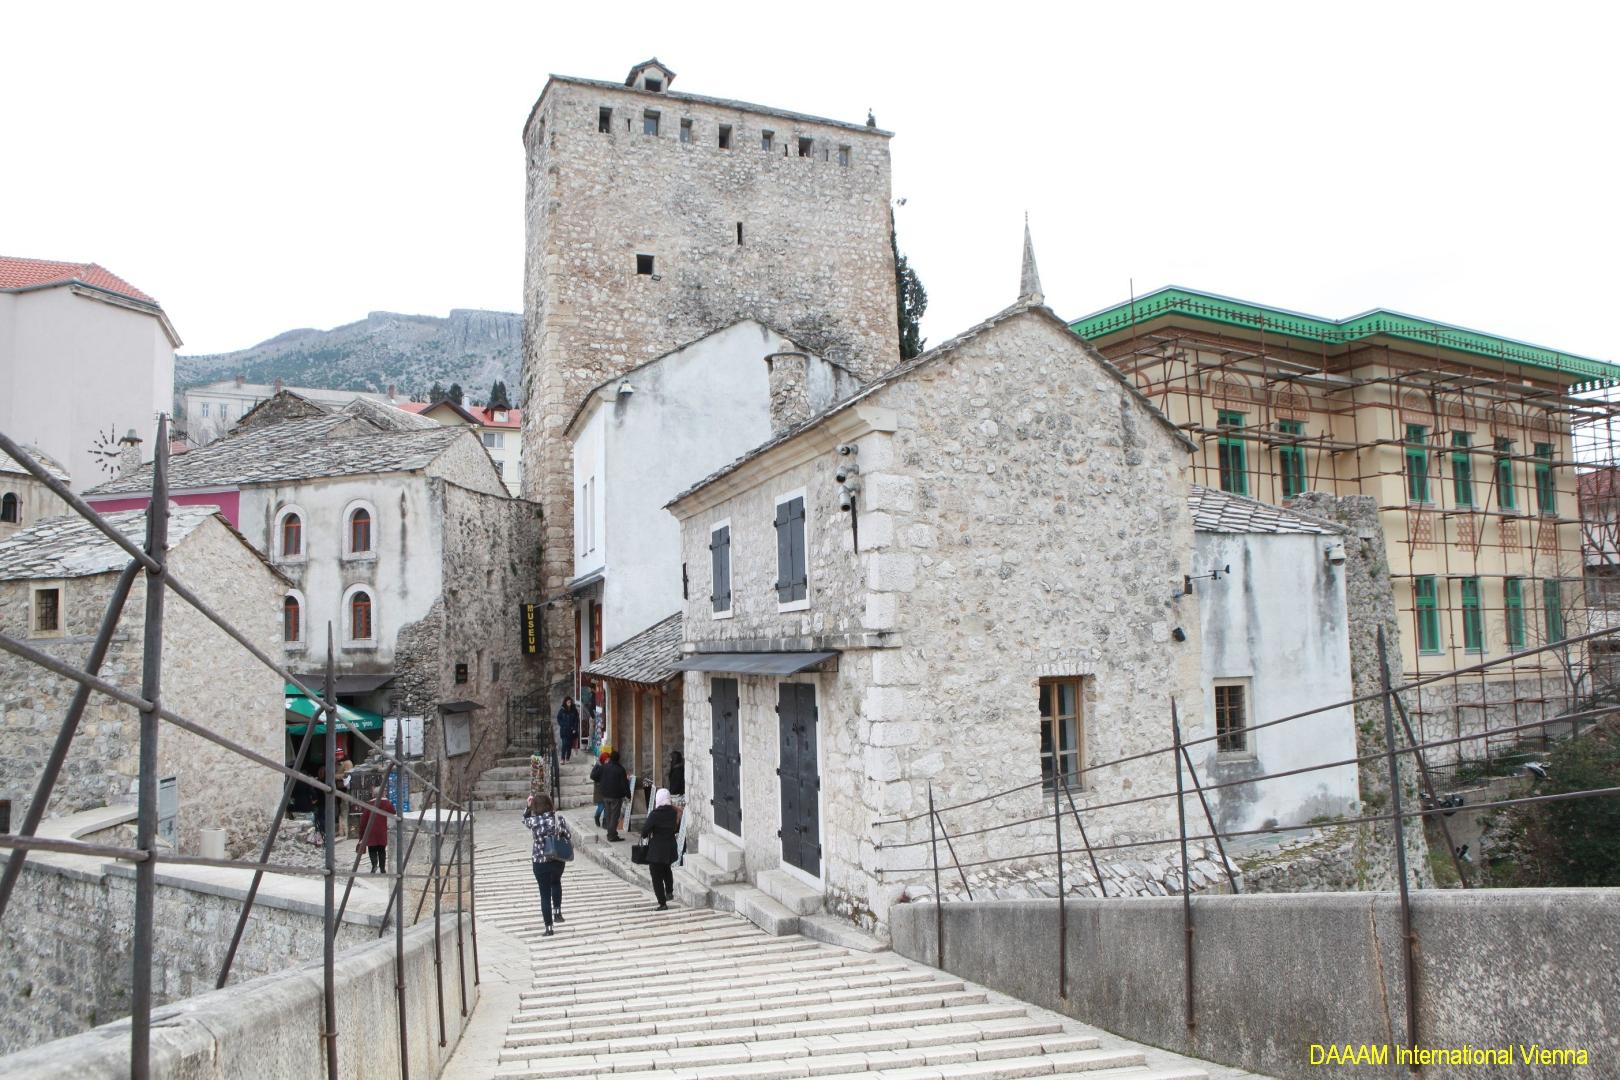 DAAAM_2016_Mostar_01_Magic_City_of_Mostar_069